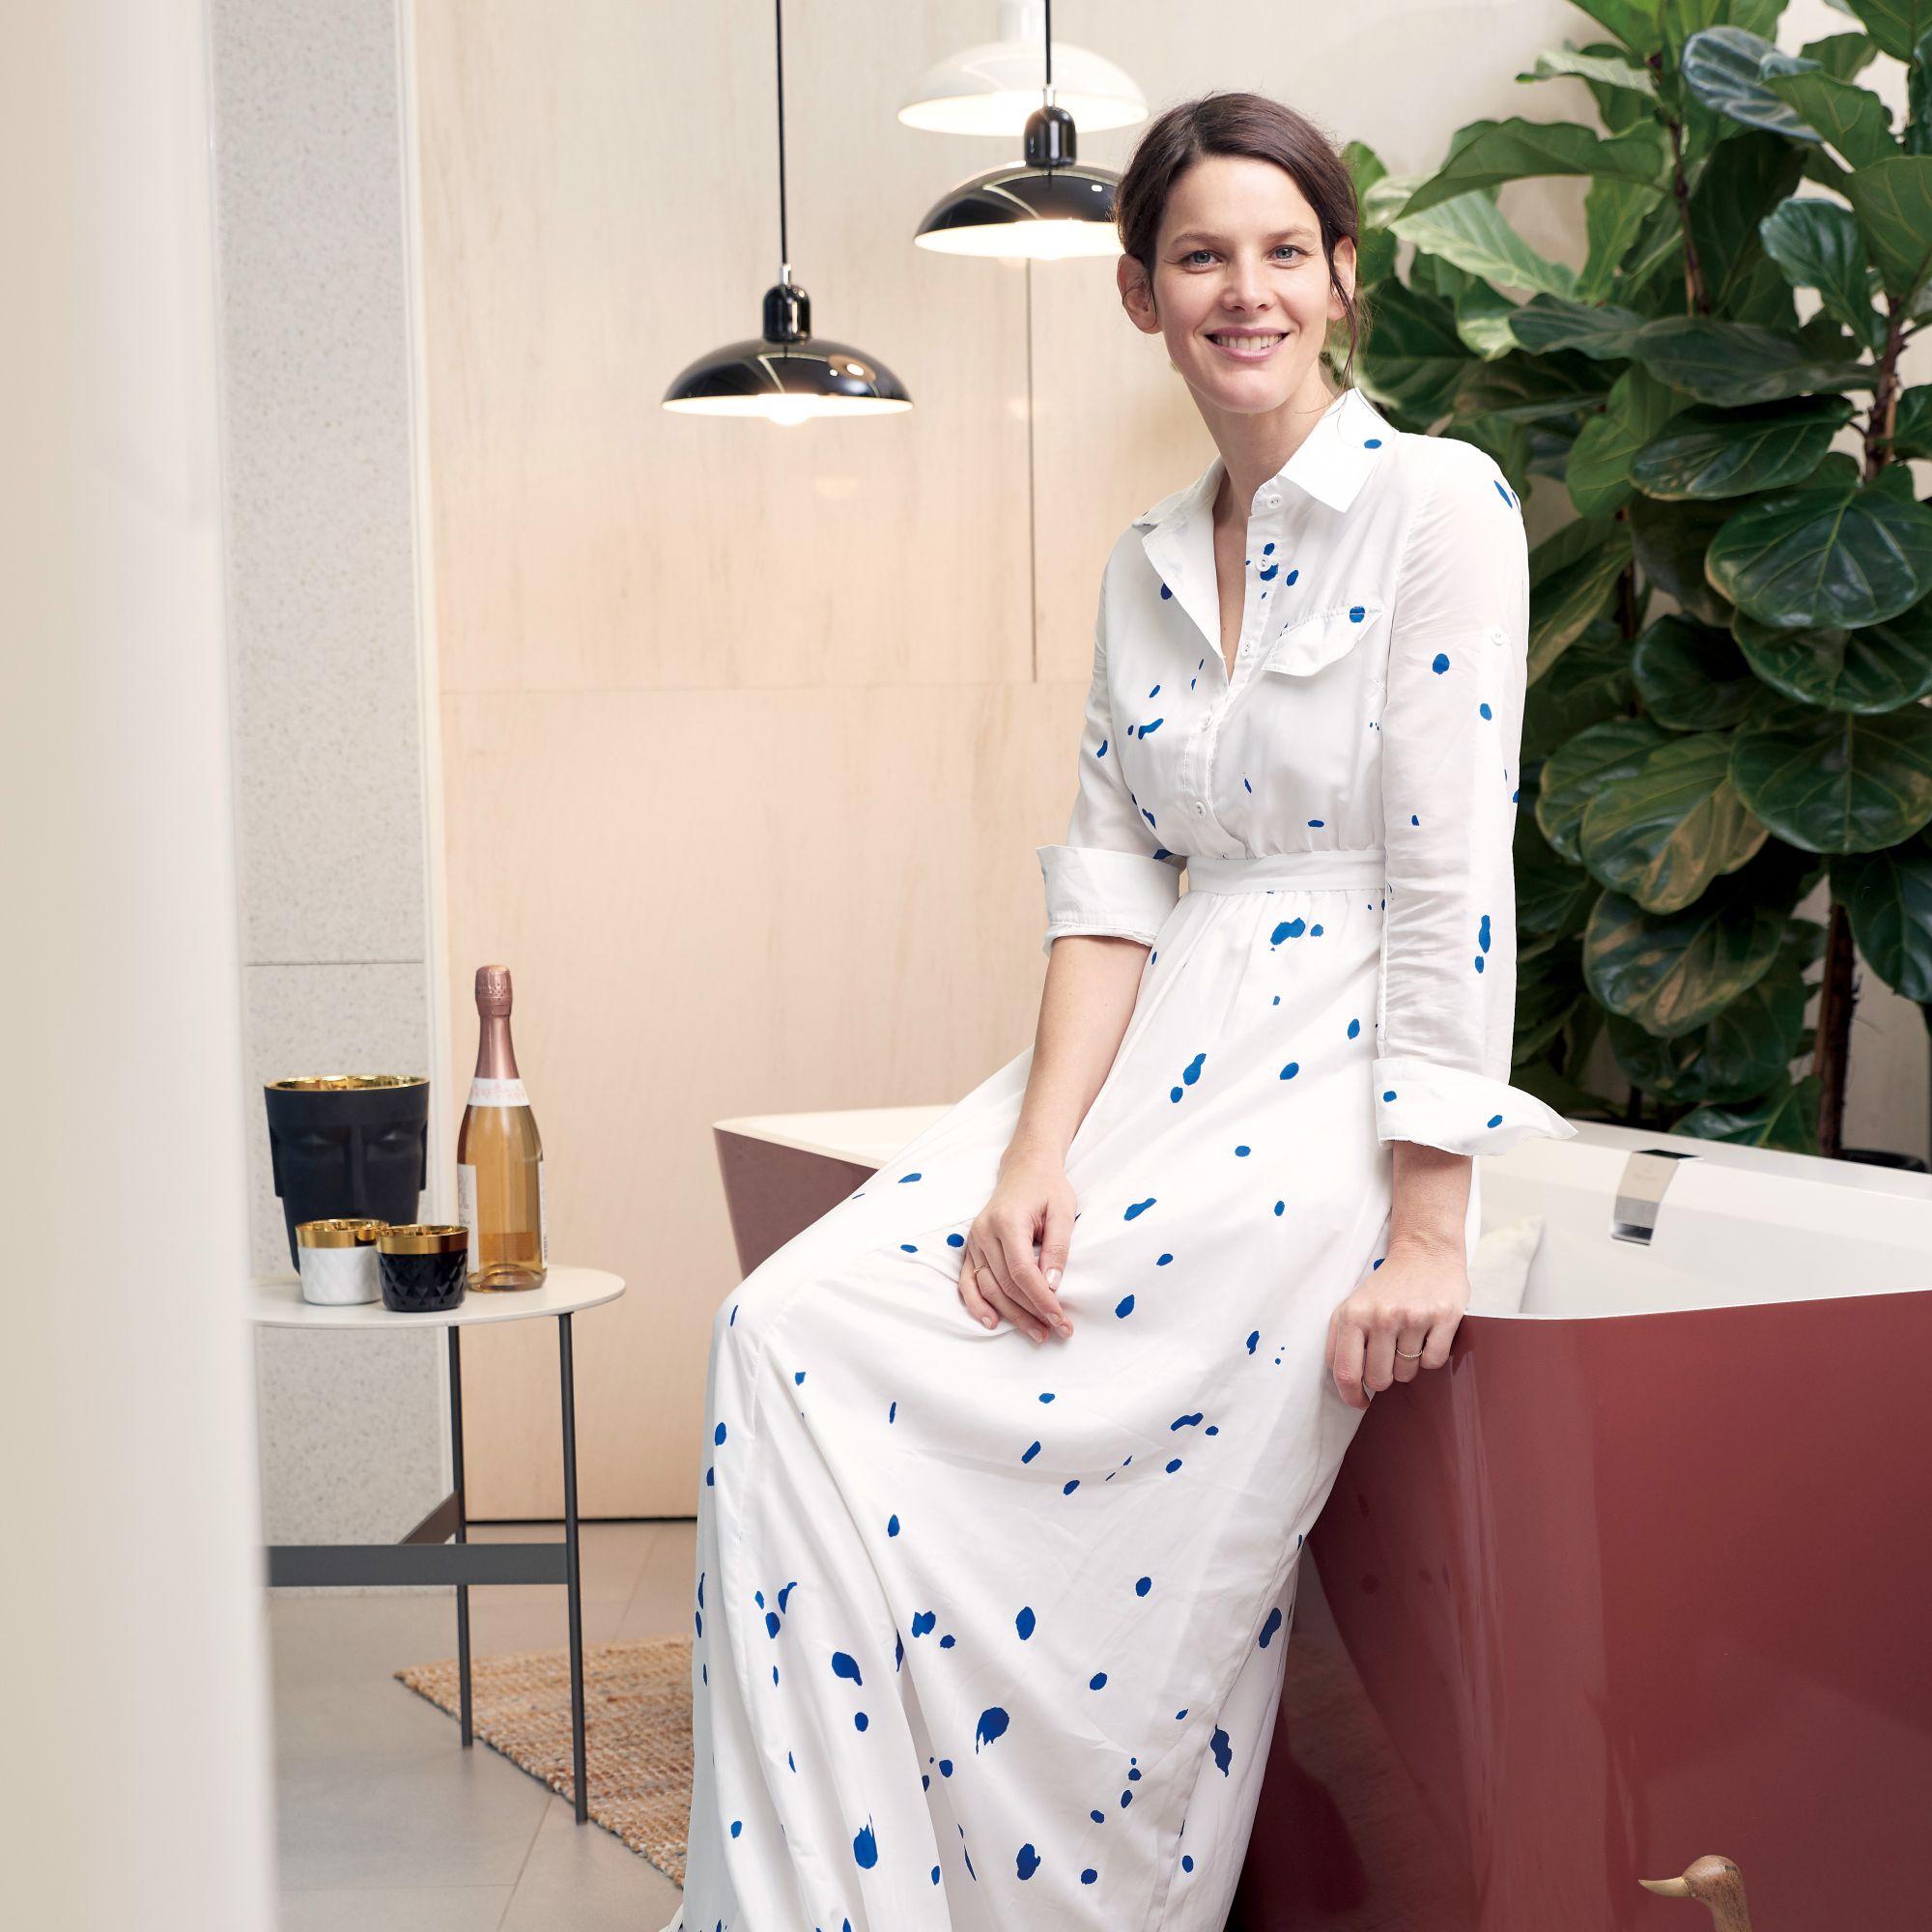 衛浴也要很活潑!產品設計師Gesa Hansen在面盆上揮灑色彩,將巴黎四季帶入空間內